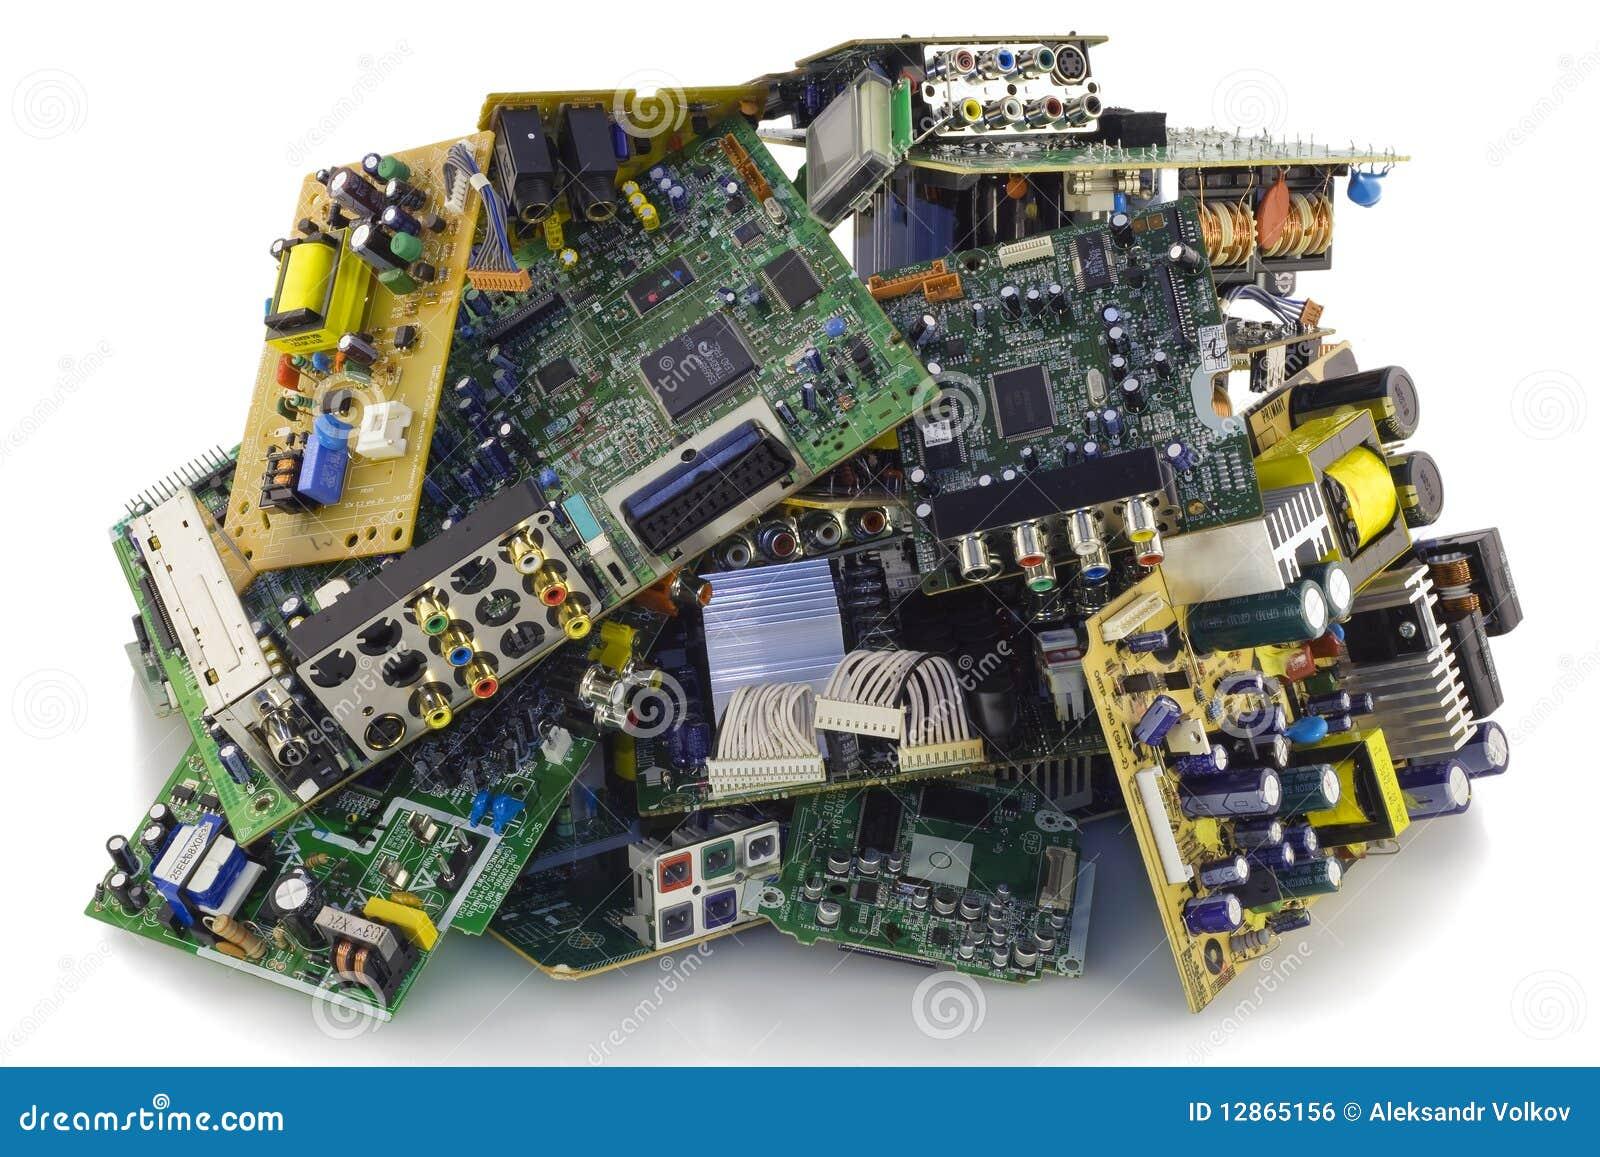 Smash My VCR 3 | Smashed a Toshiba VCR | TechnoSlayer | Flickr